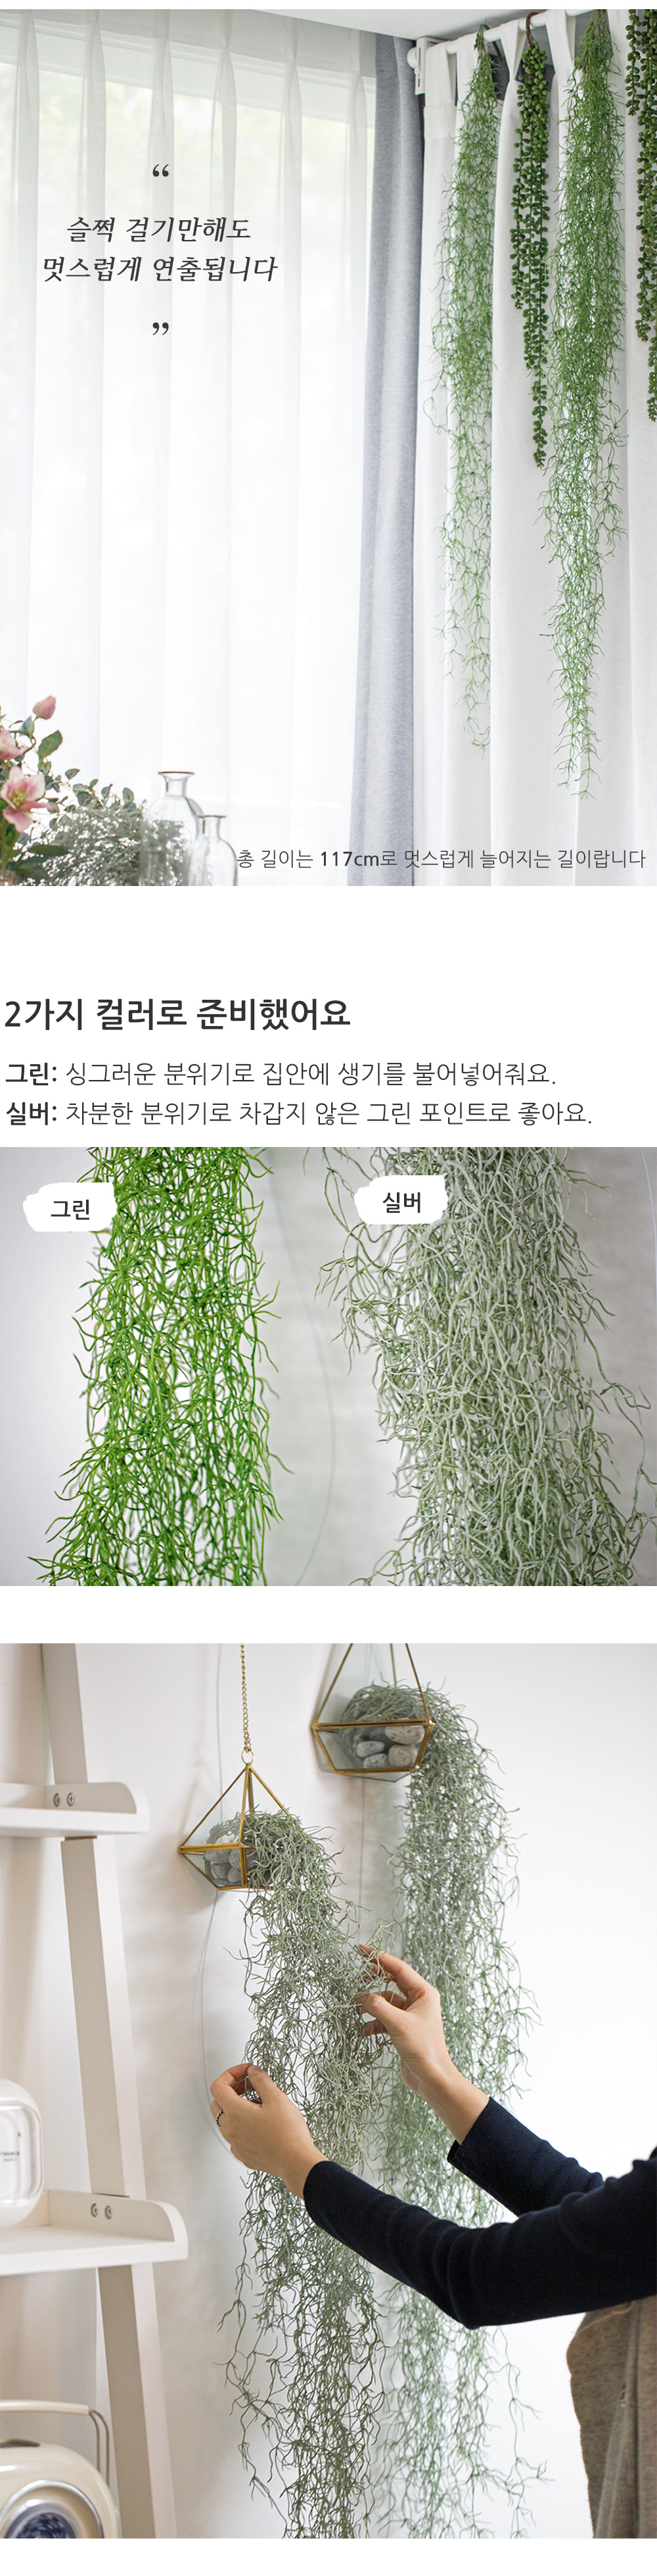 롱롱 수염 틸란드시아 실크플라워 단품 인테리어 조화 - 아티파티, 9,900원, 조화, 부쉬